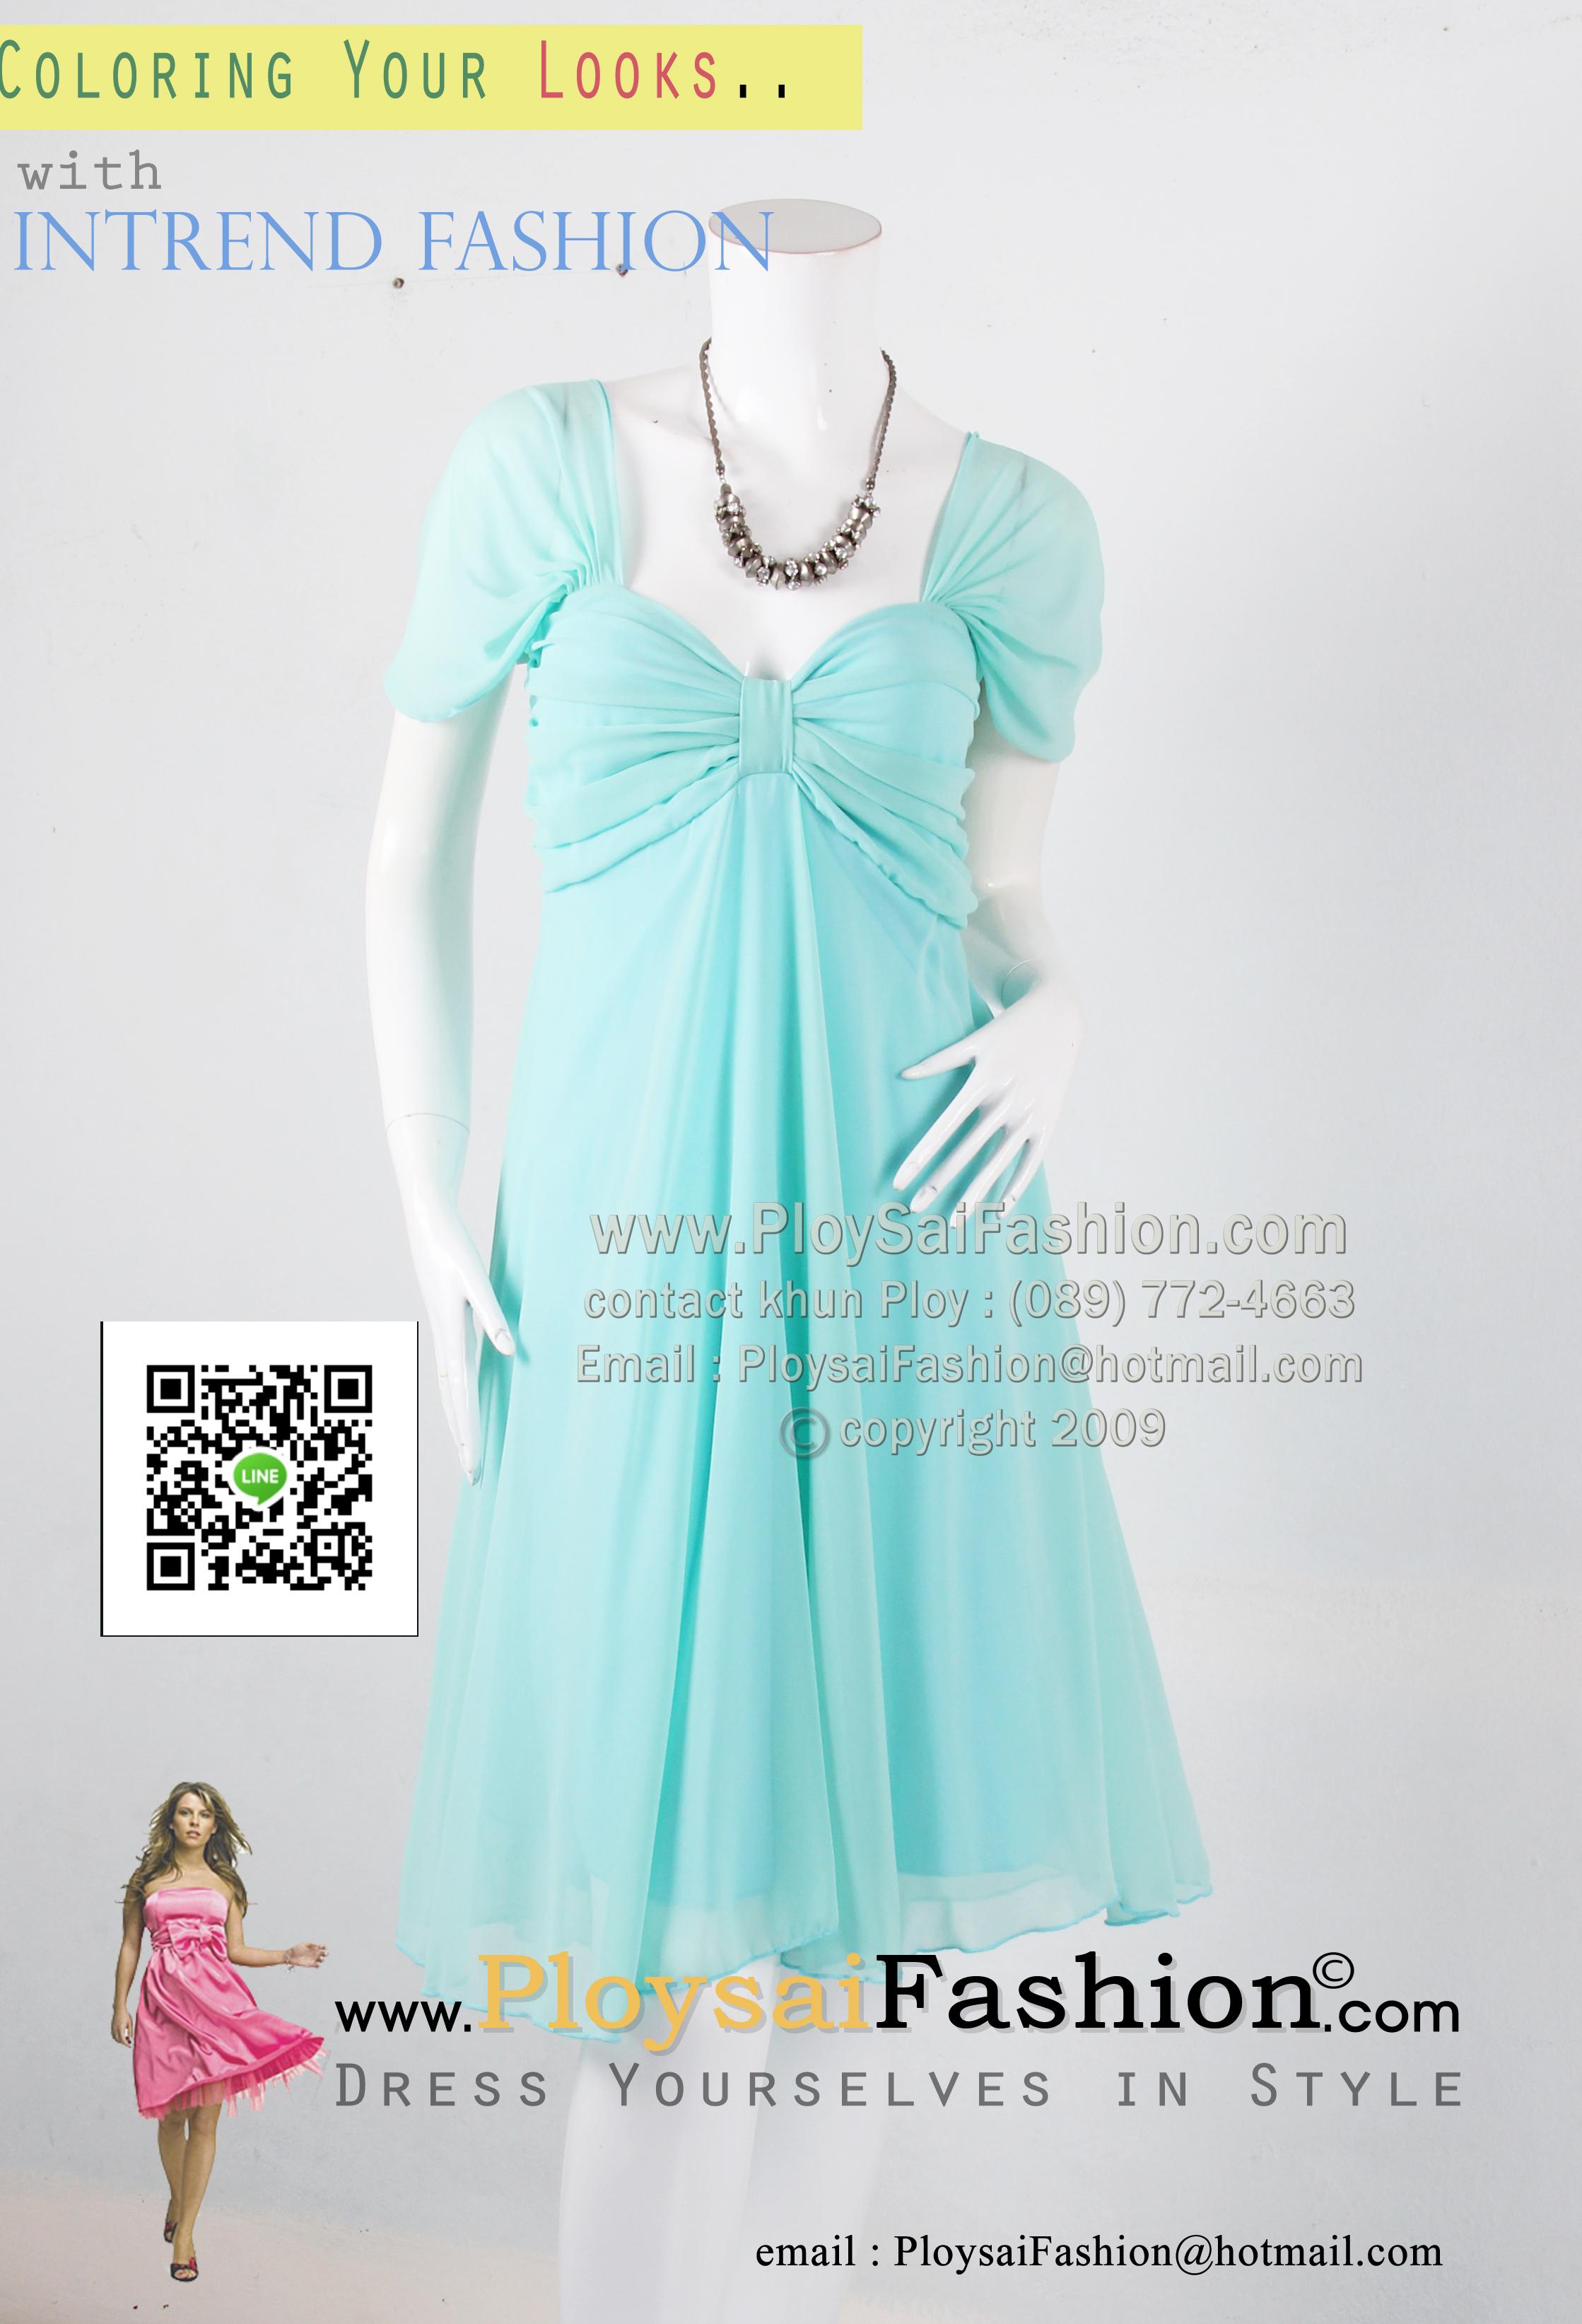 an019 - ชุดไปงานแต่ง (สาวอวบใส่ได้)ผ้าซีฟองเขียวมินต์ ช่วงอกดีไซน์เว้าสวยได้รูป สวยเรียบร้อยสุดๆค่ะ